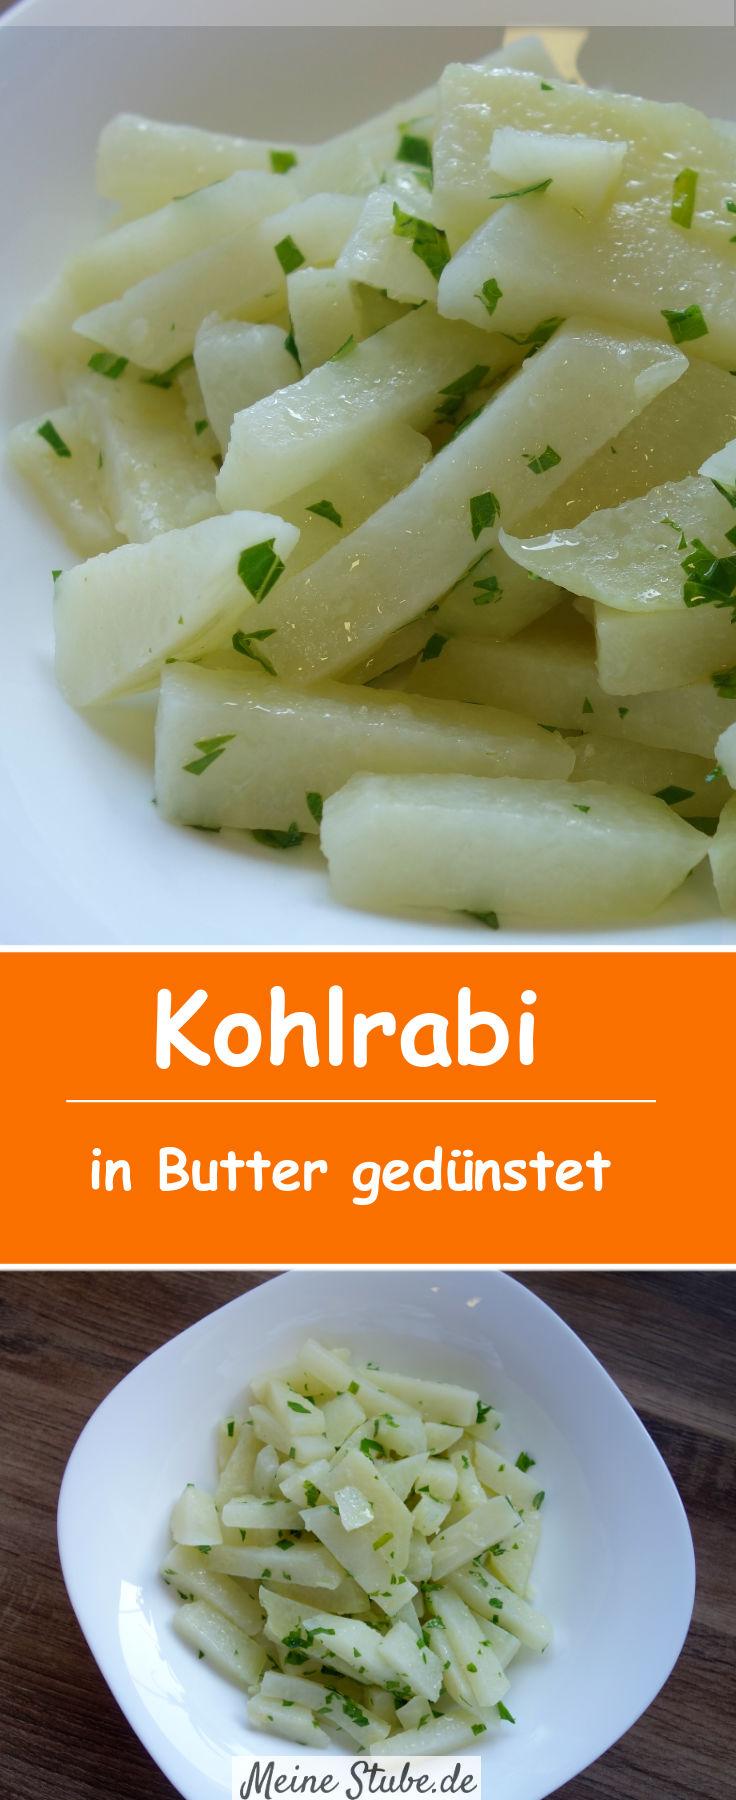 kohlrabi-in-butter-geduenstet.jpg